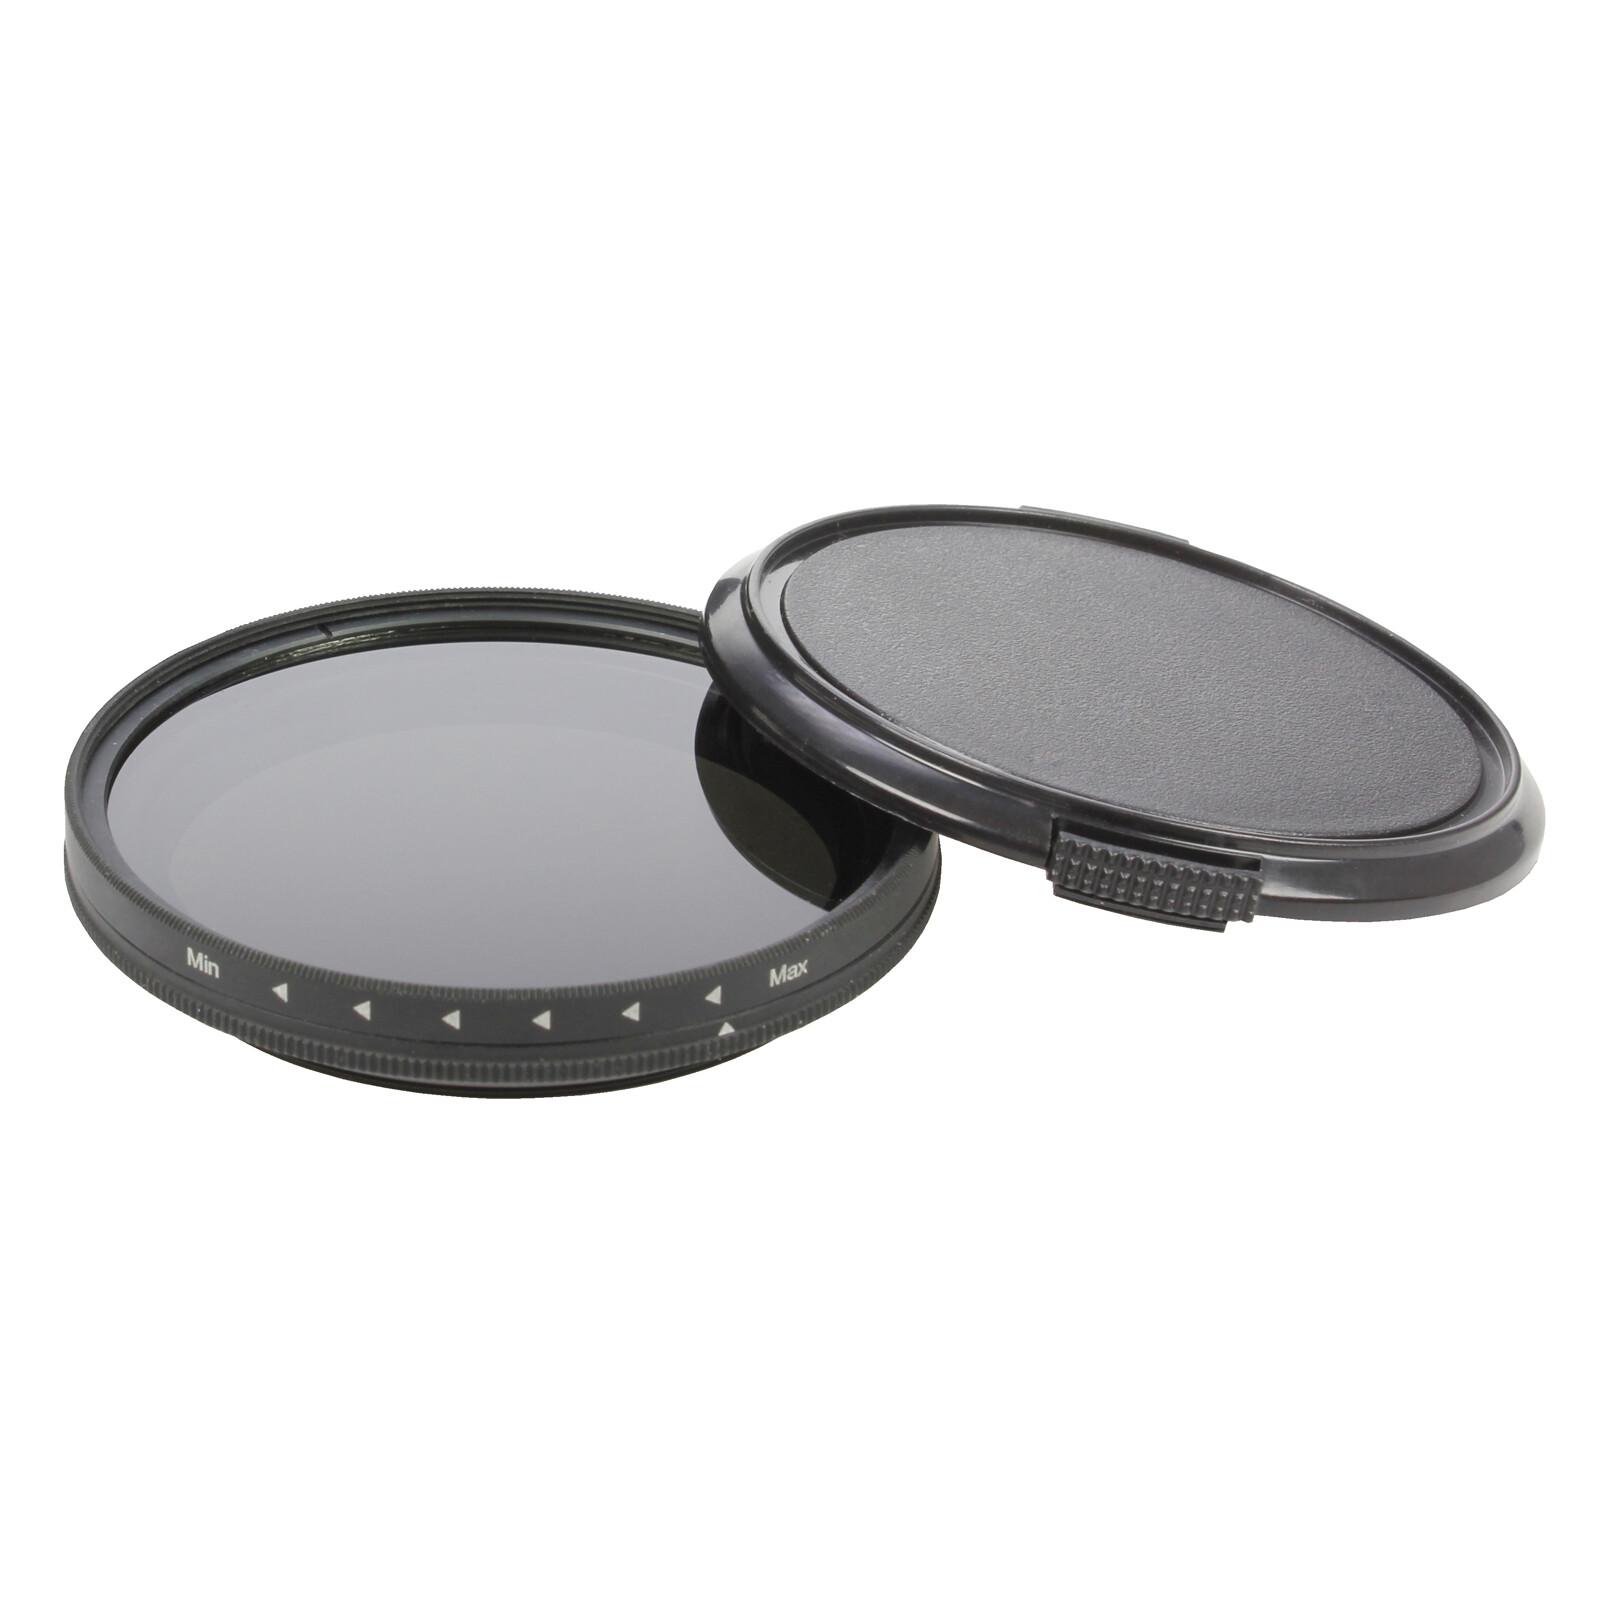 Dörr ND 4-400 Vario Graufilter 58mm (52+55mm)